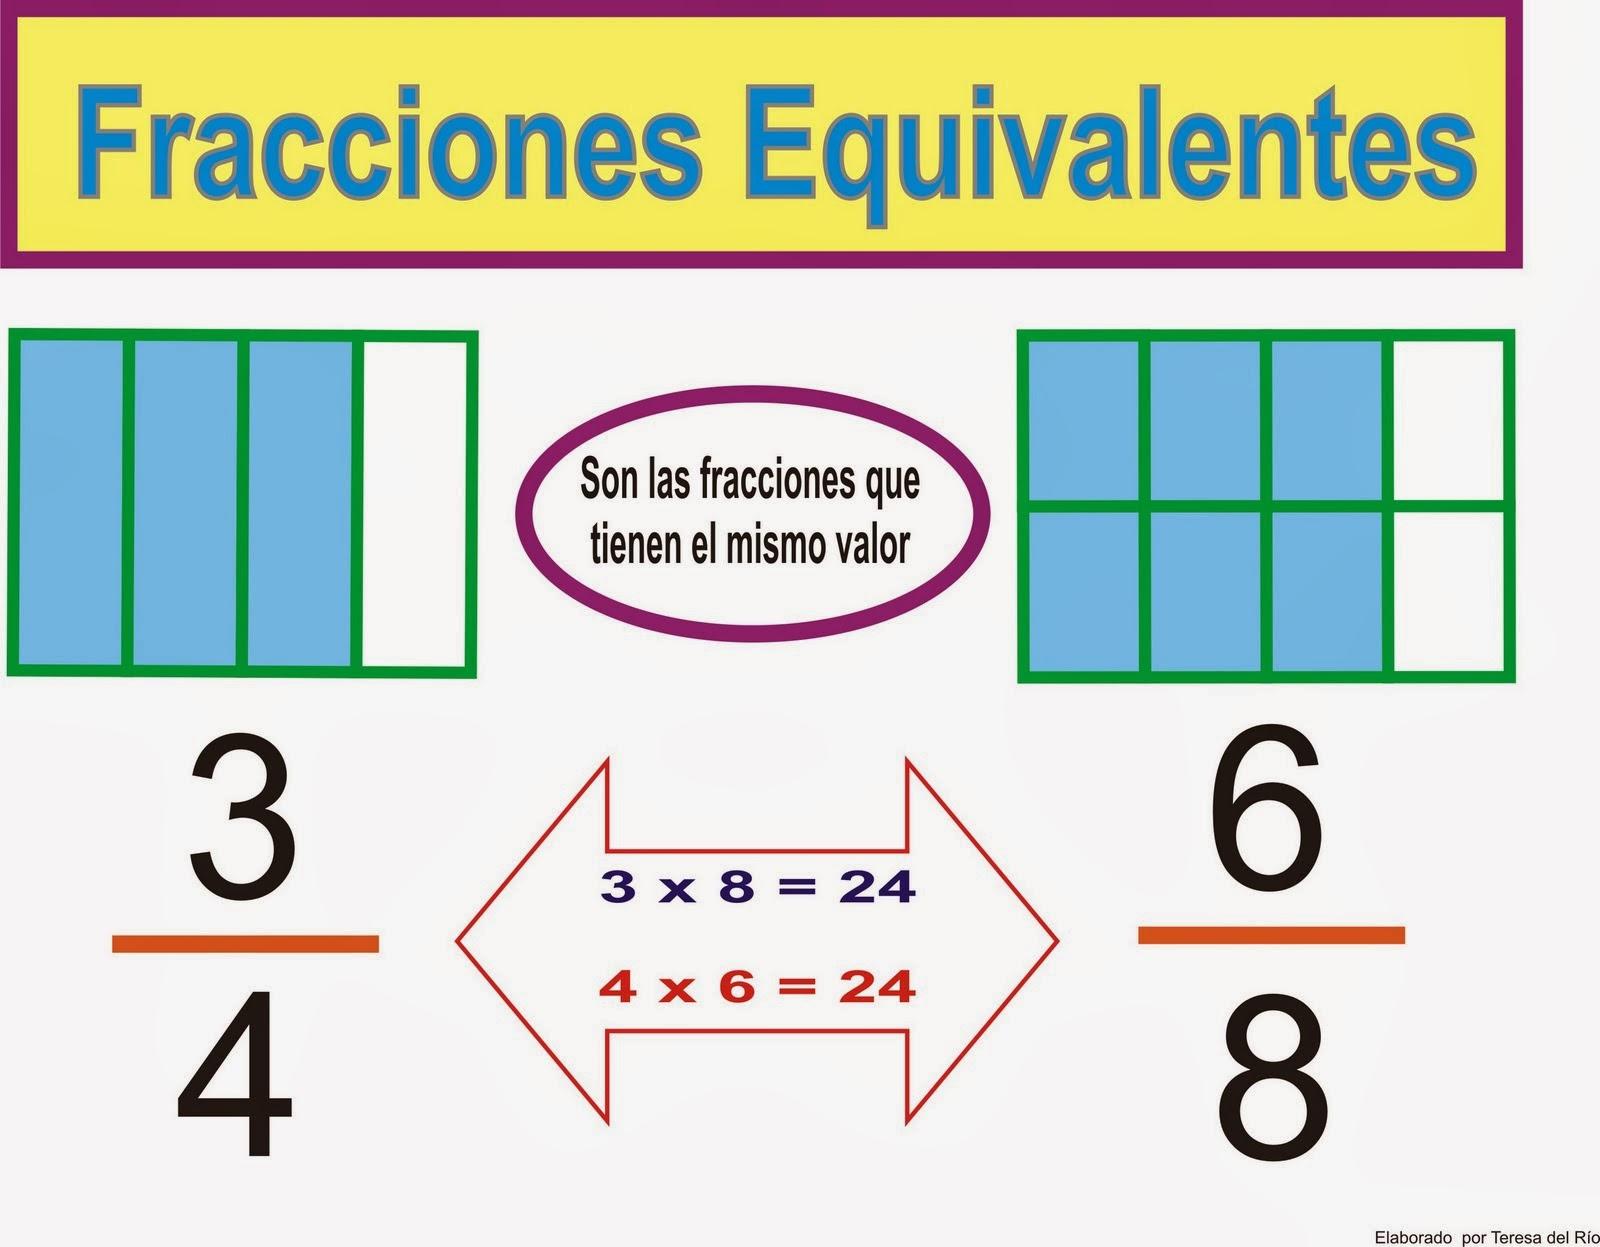 Vivan Las Matematicas Como Identificar Fracciones Equivalentes